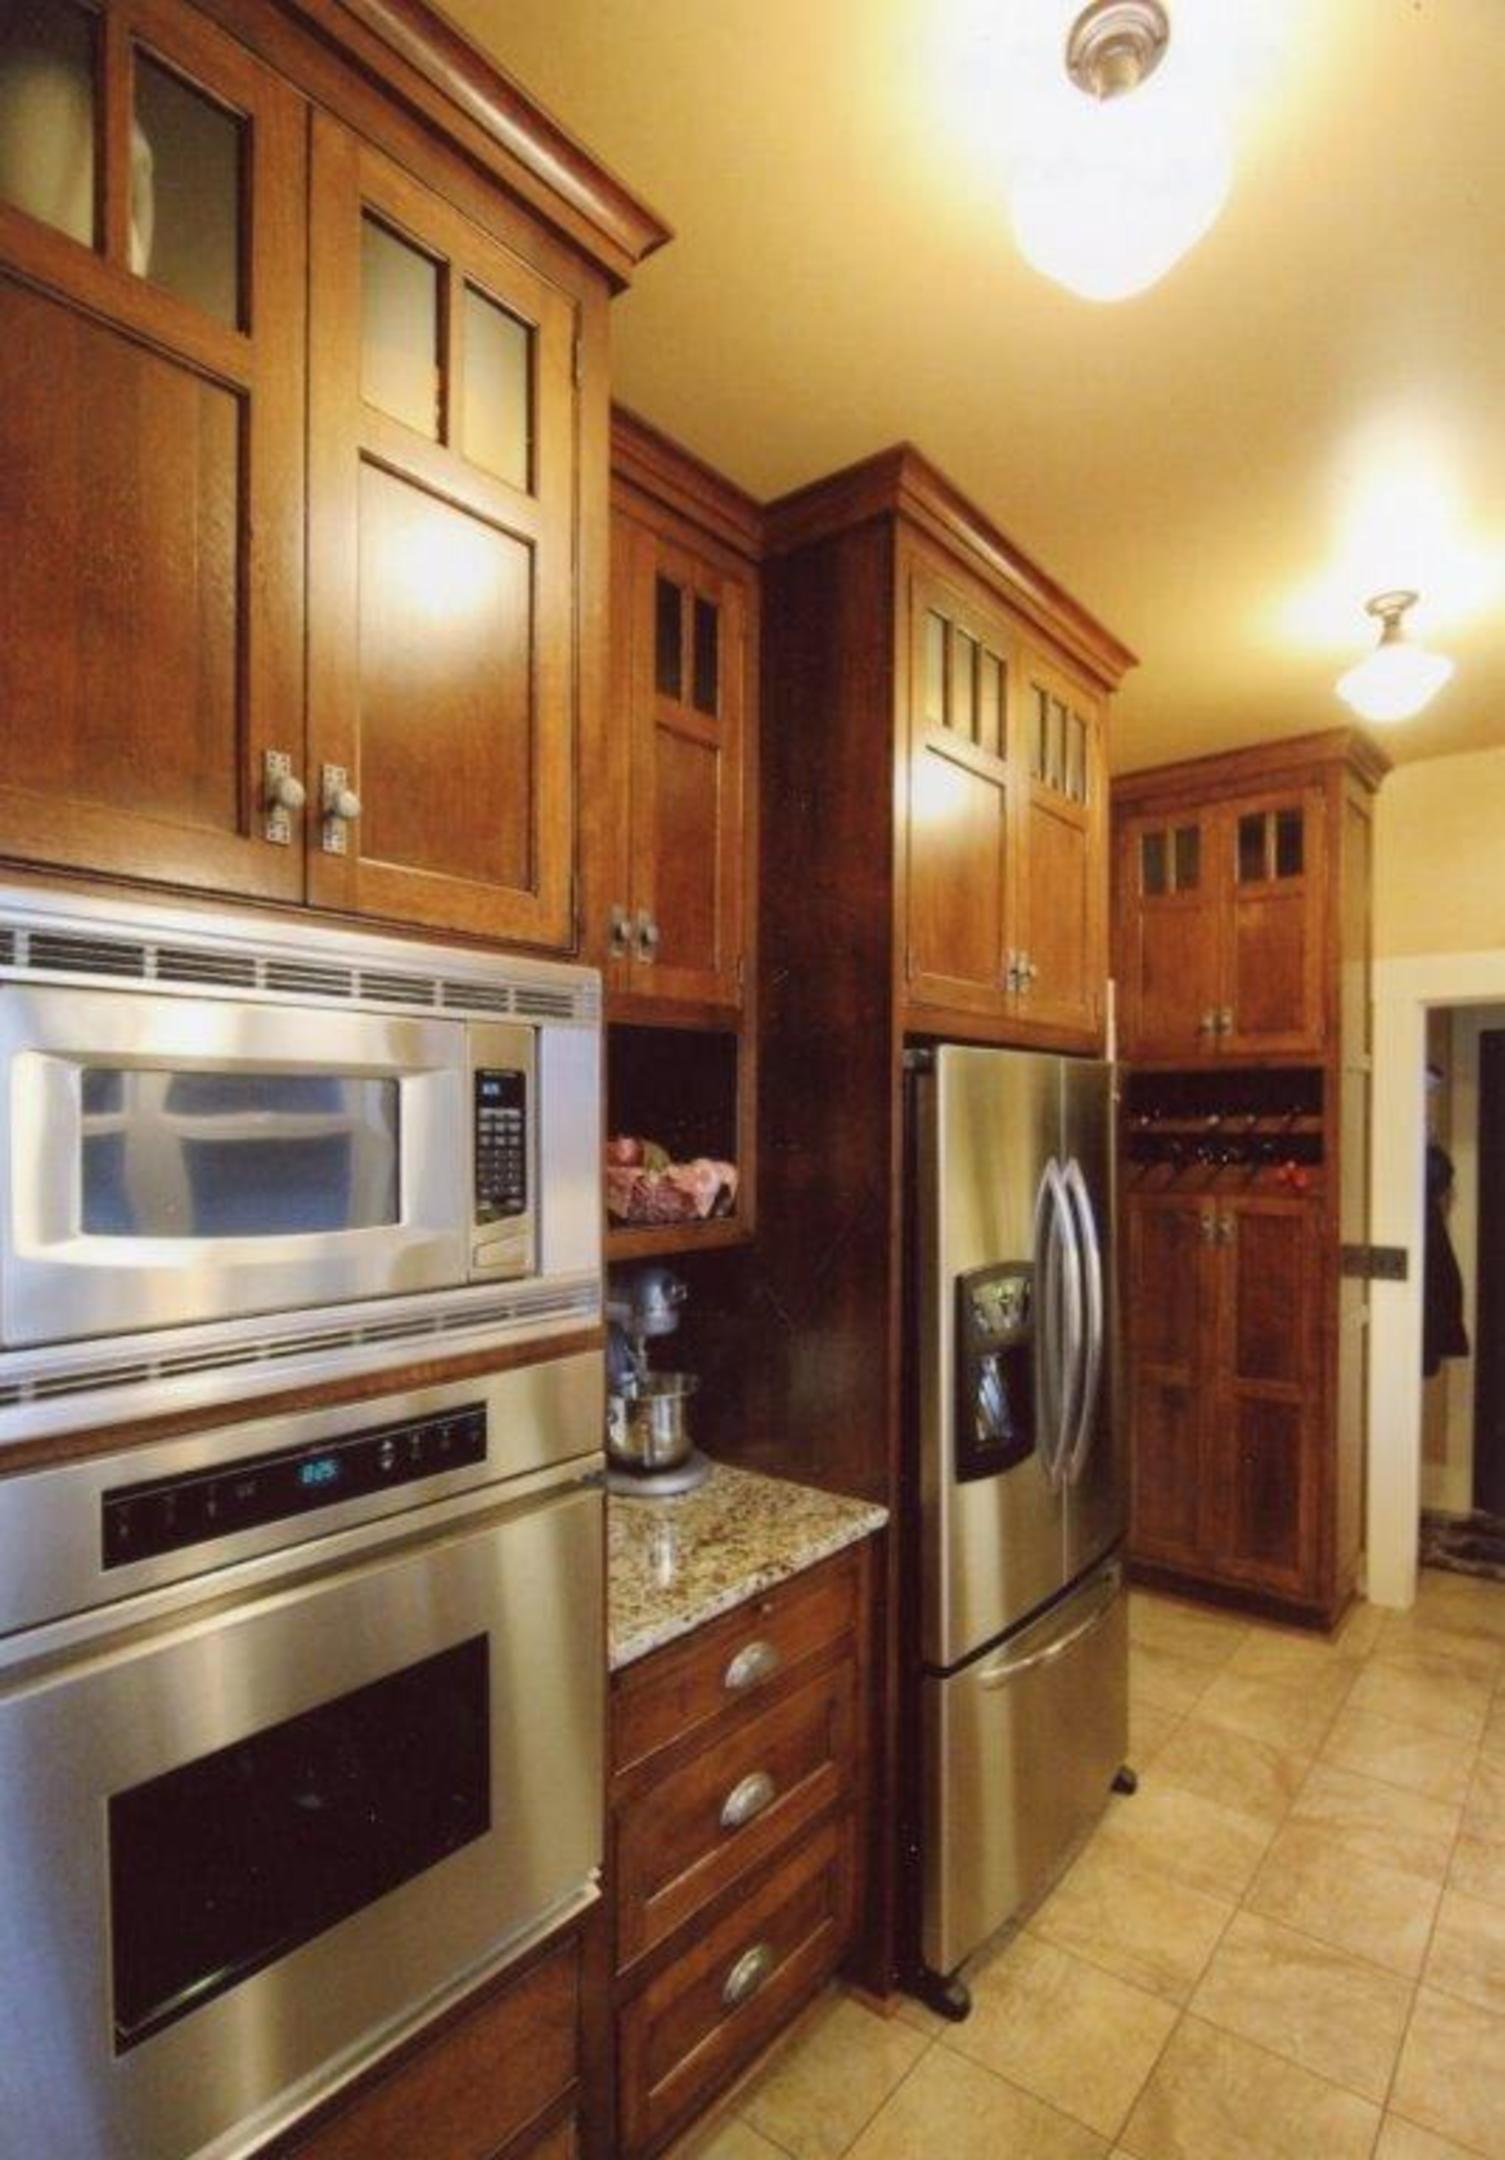 Craftsman Style Kitchen In 2020 Kitchen Cabinet Styles Craftsman Style Kitchen Craftsman Kitchen Cabinets